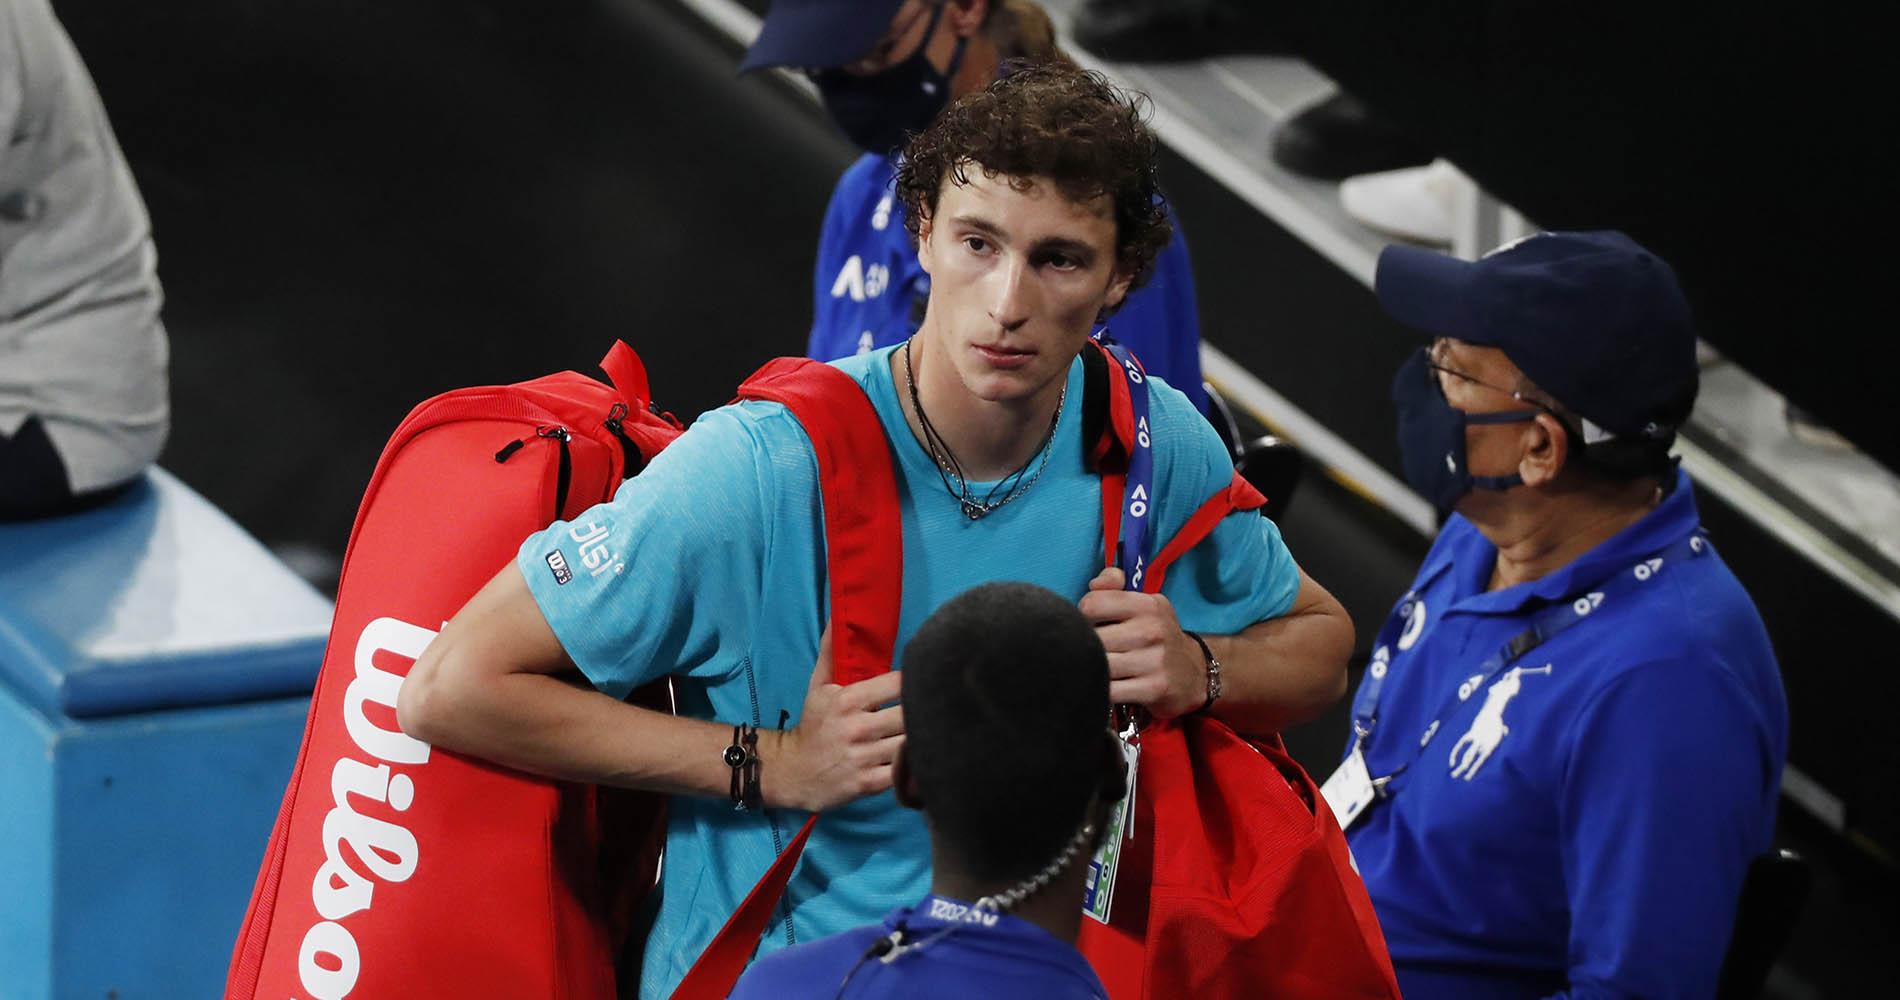 Ugo Humbert 2021 Australian Open